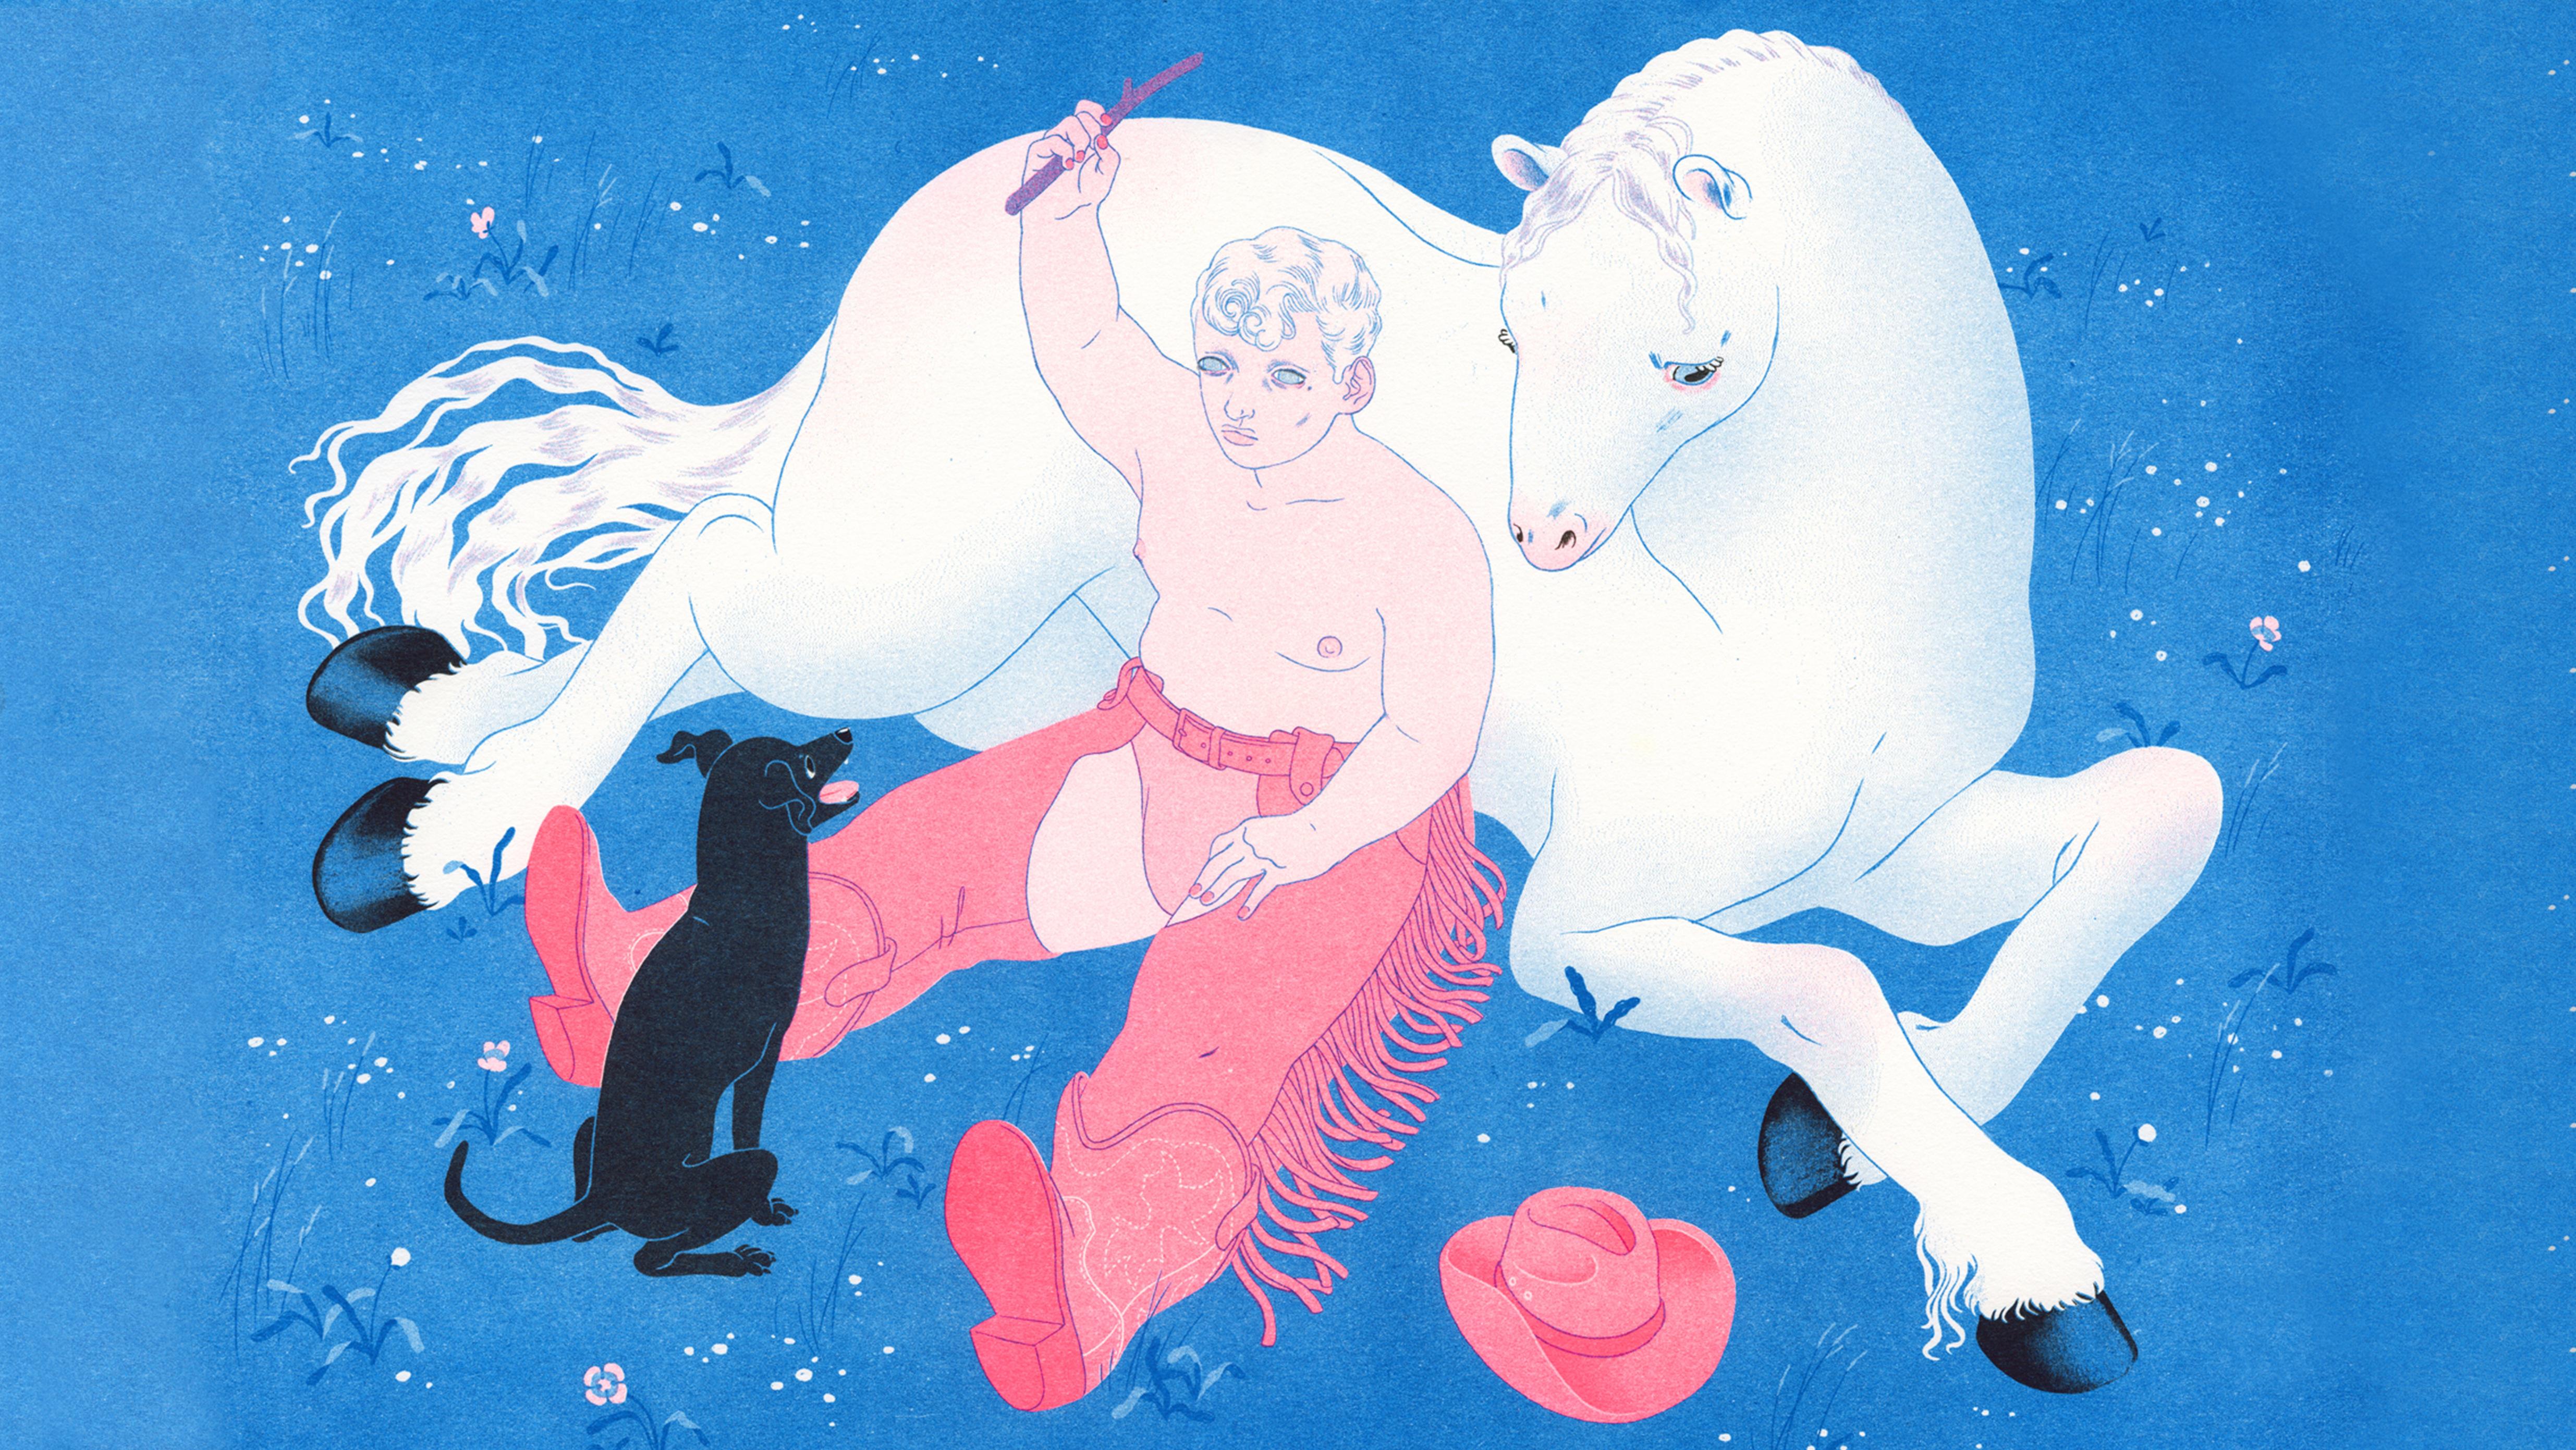 Illustration by Eero Lampinen